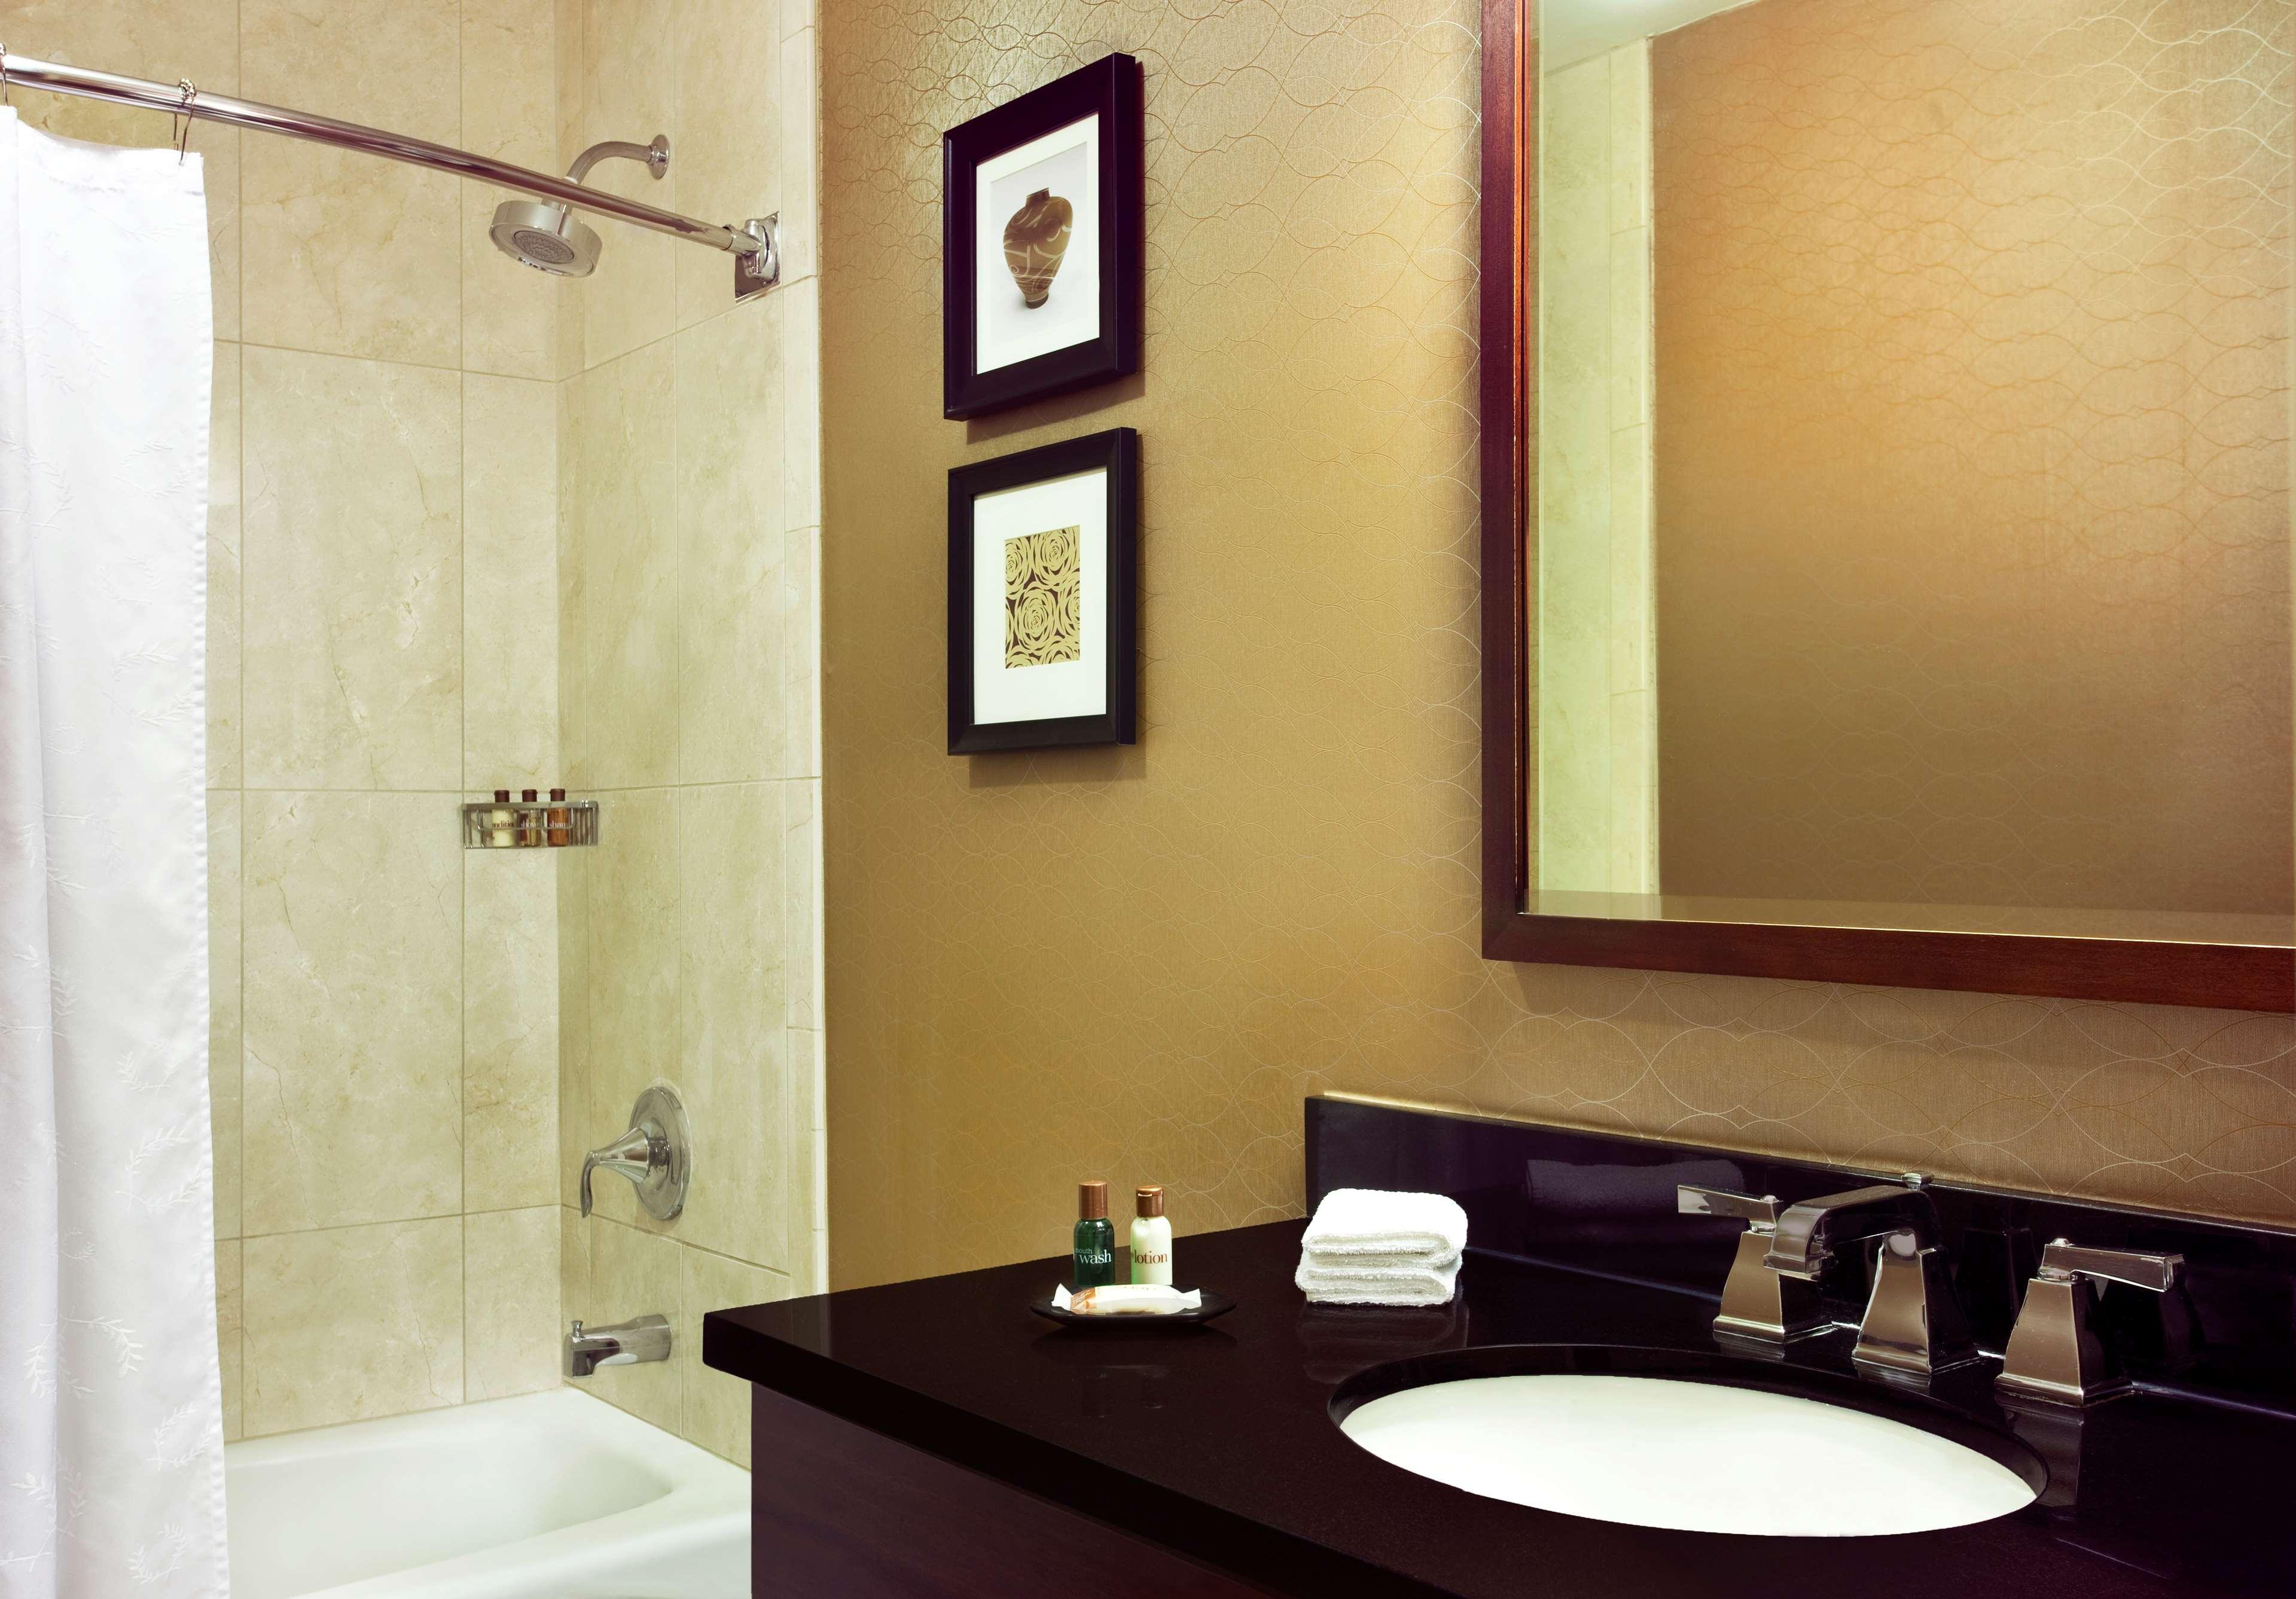 Sheraton Harrisburg Hershey Hotel image 7